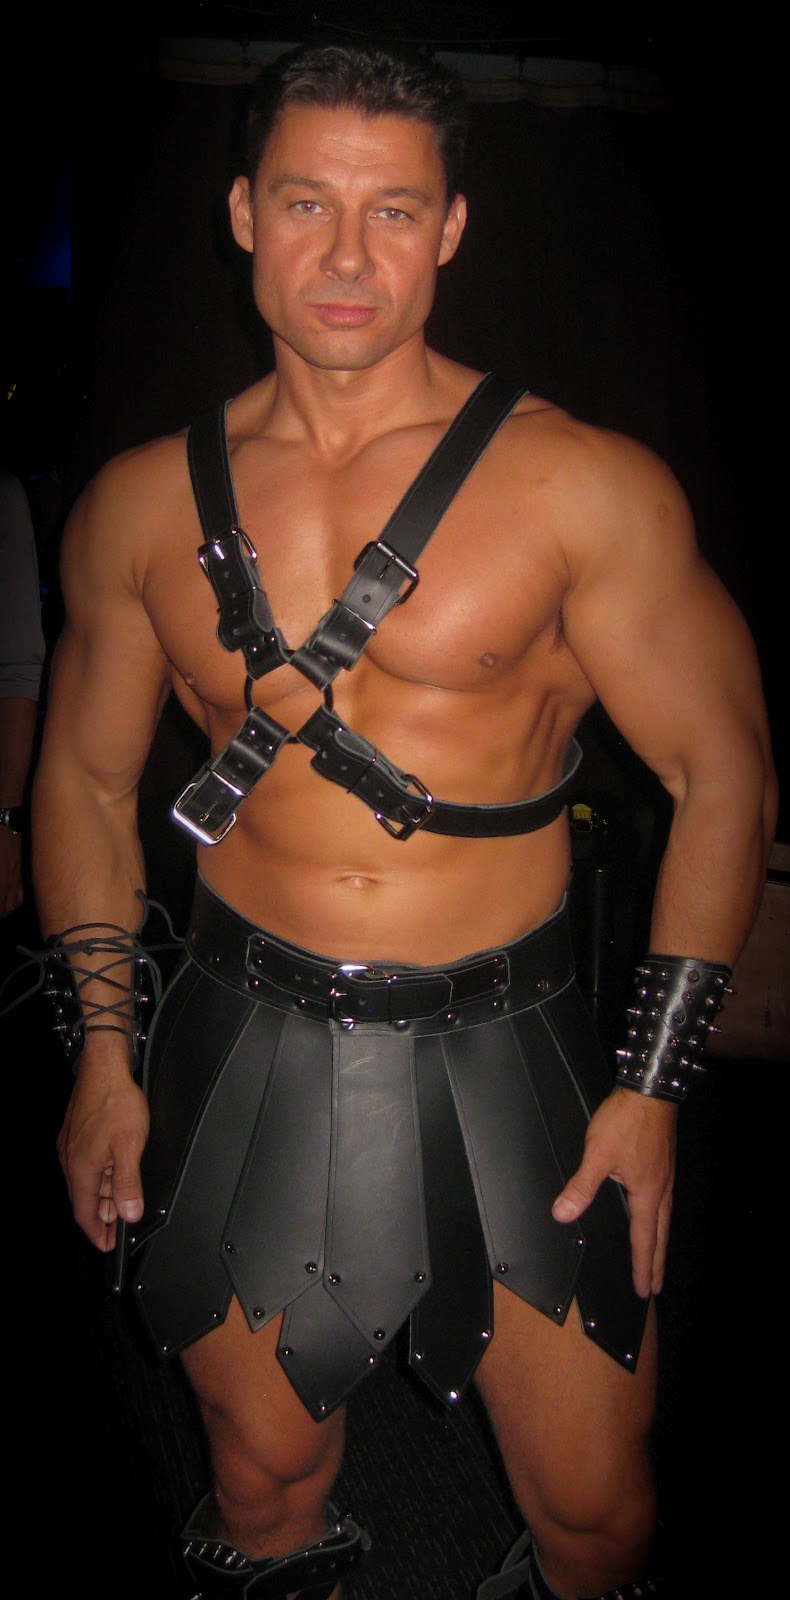 denver gay leather jpg 422x640